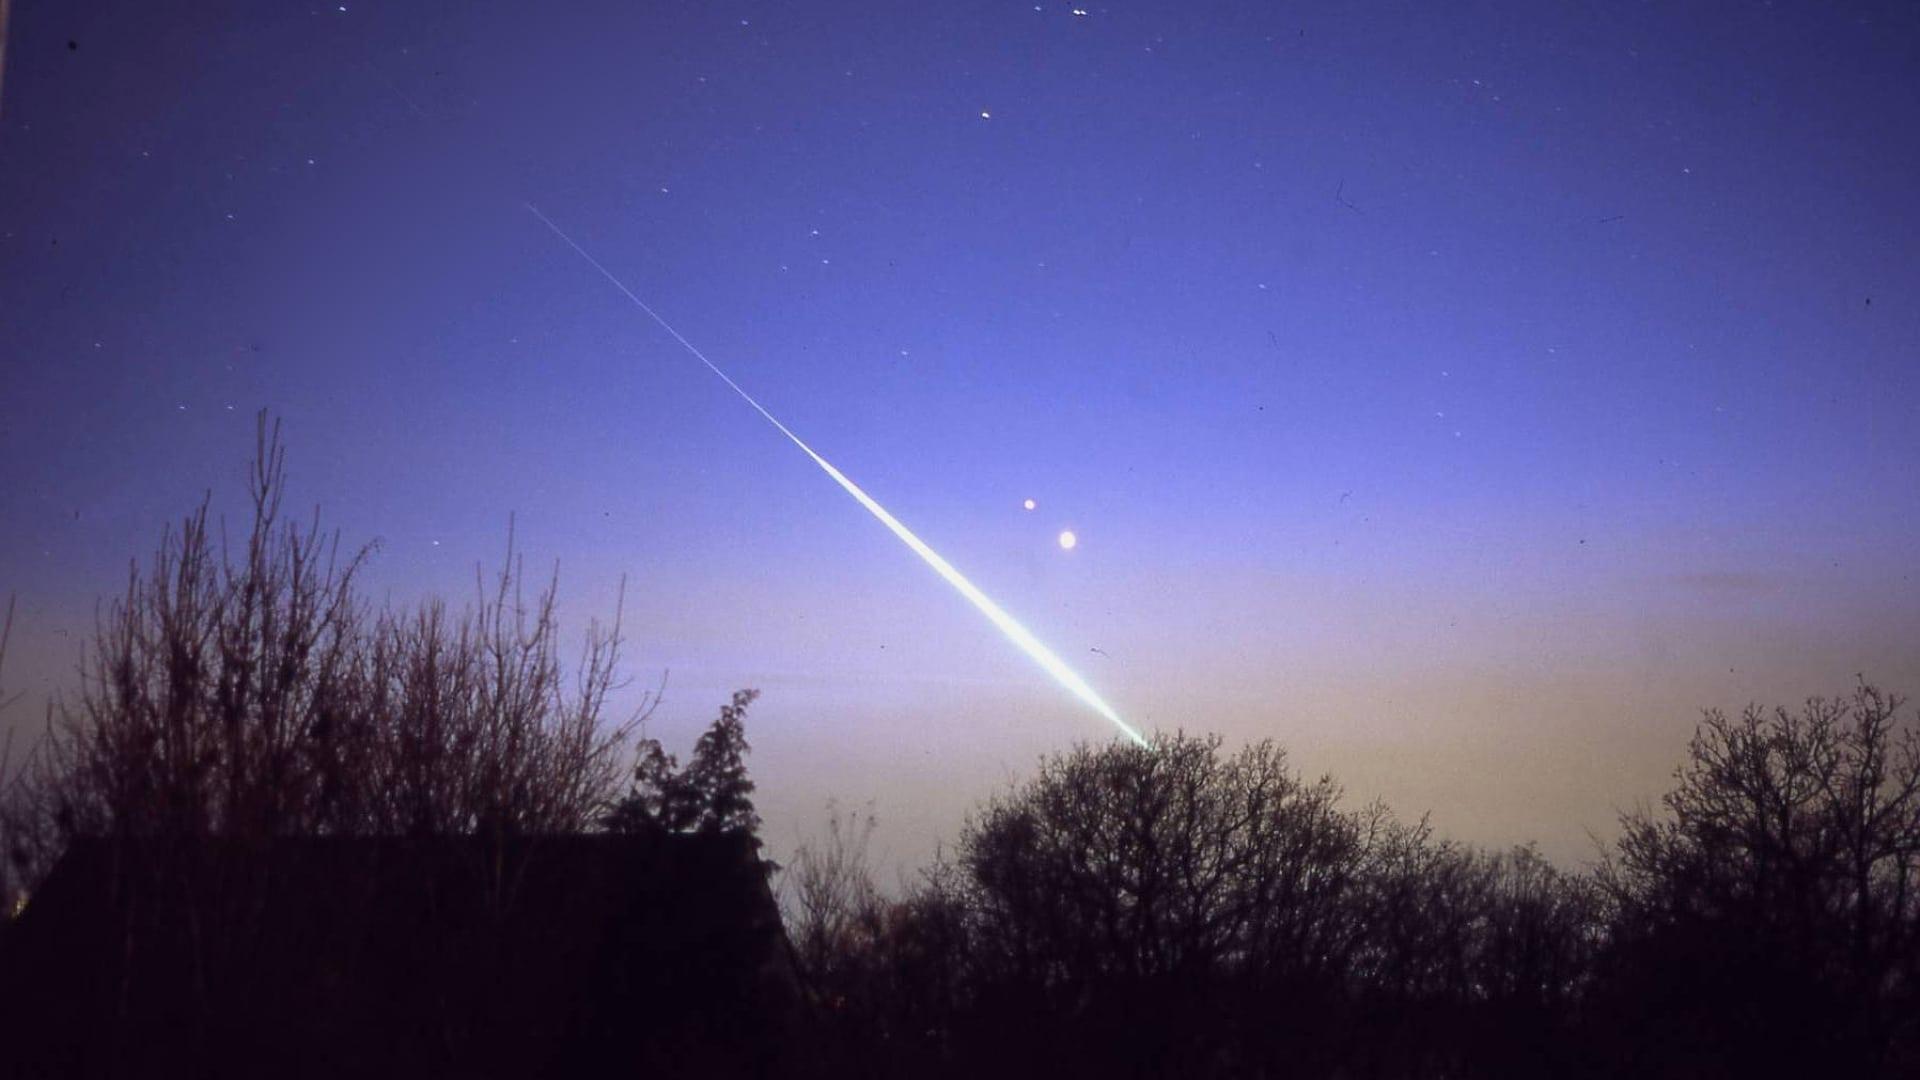 Feuerkugel bei den Riesenplaneten Jupiter und Saturn